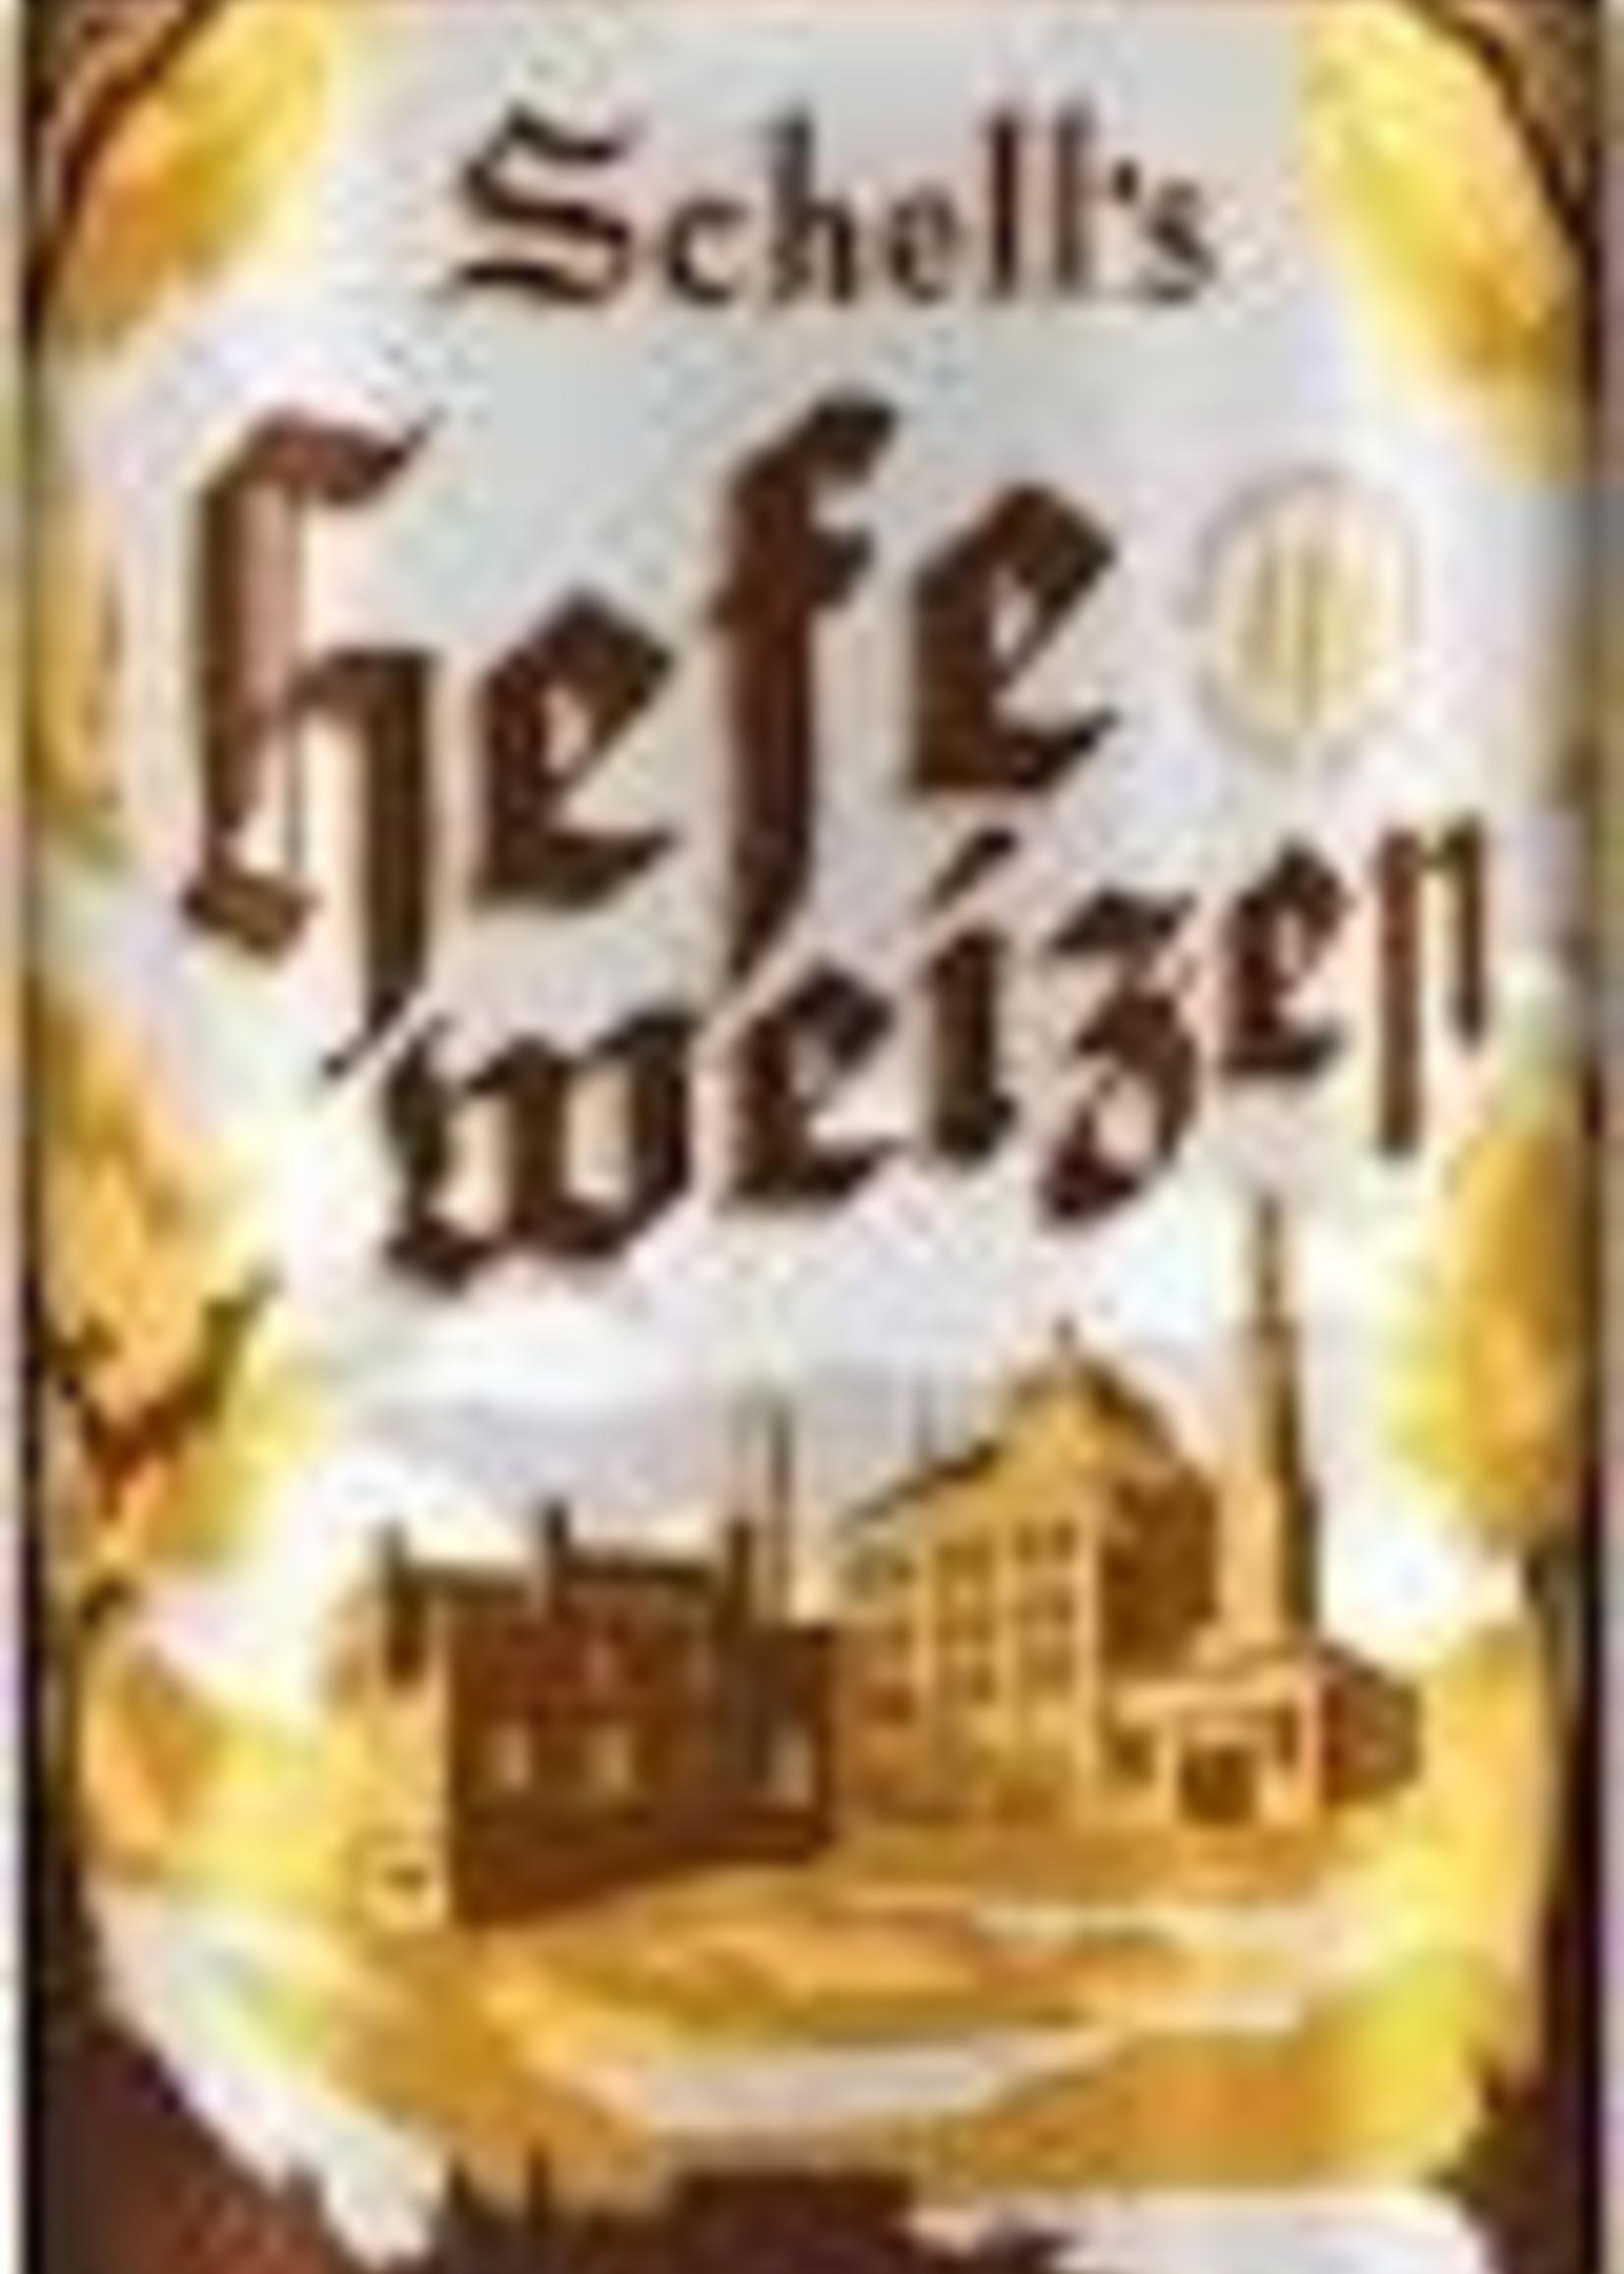 Schells Hefeweizen - 6x12oz Cans